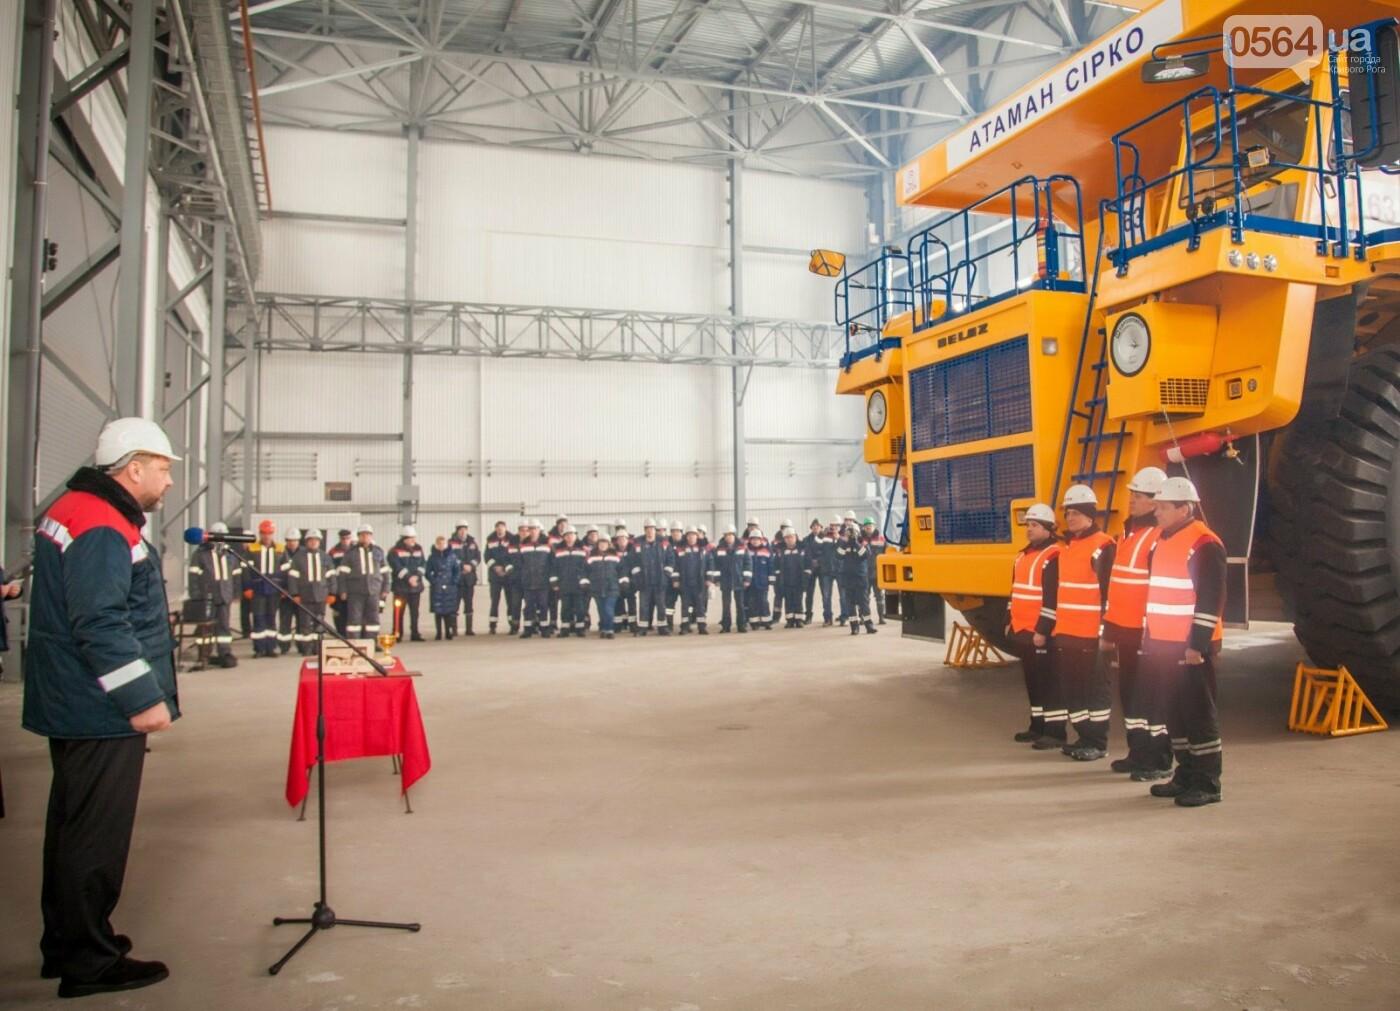 Южный ГОК инвестировал в обновление горной техники 63 миллиона гривен, фото-4